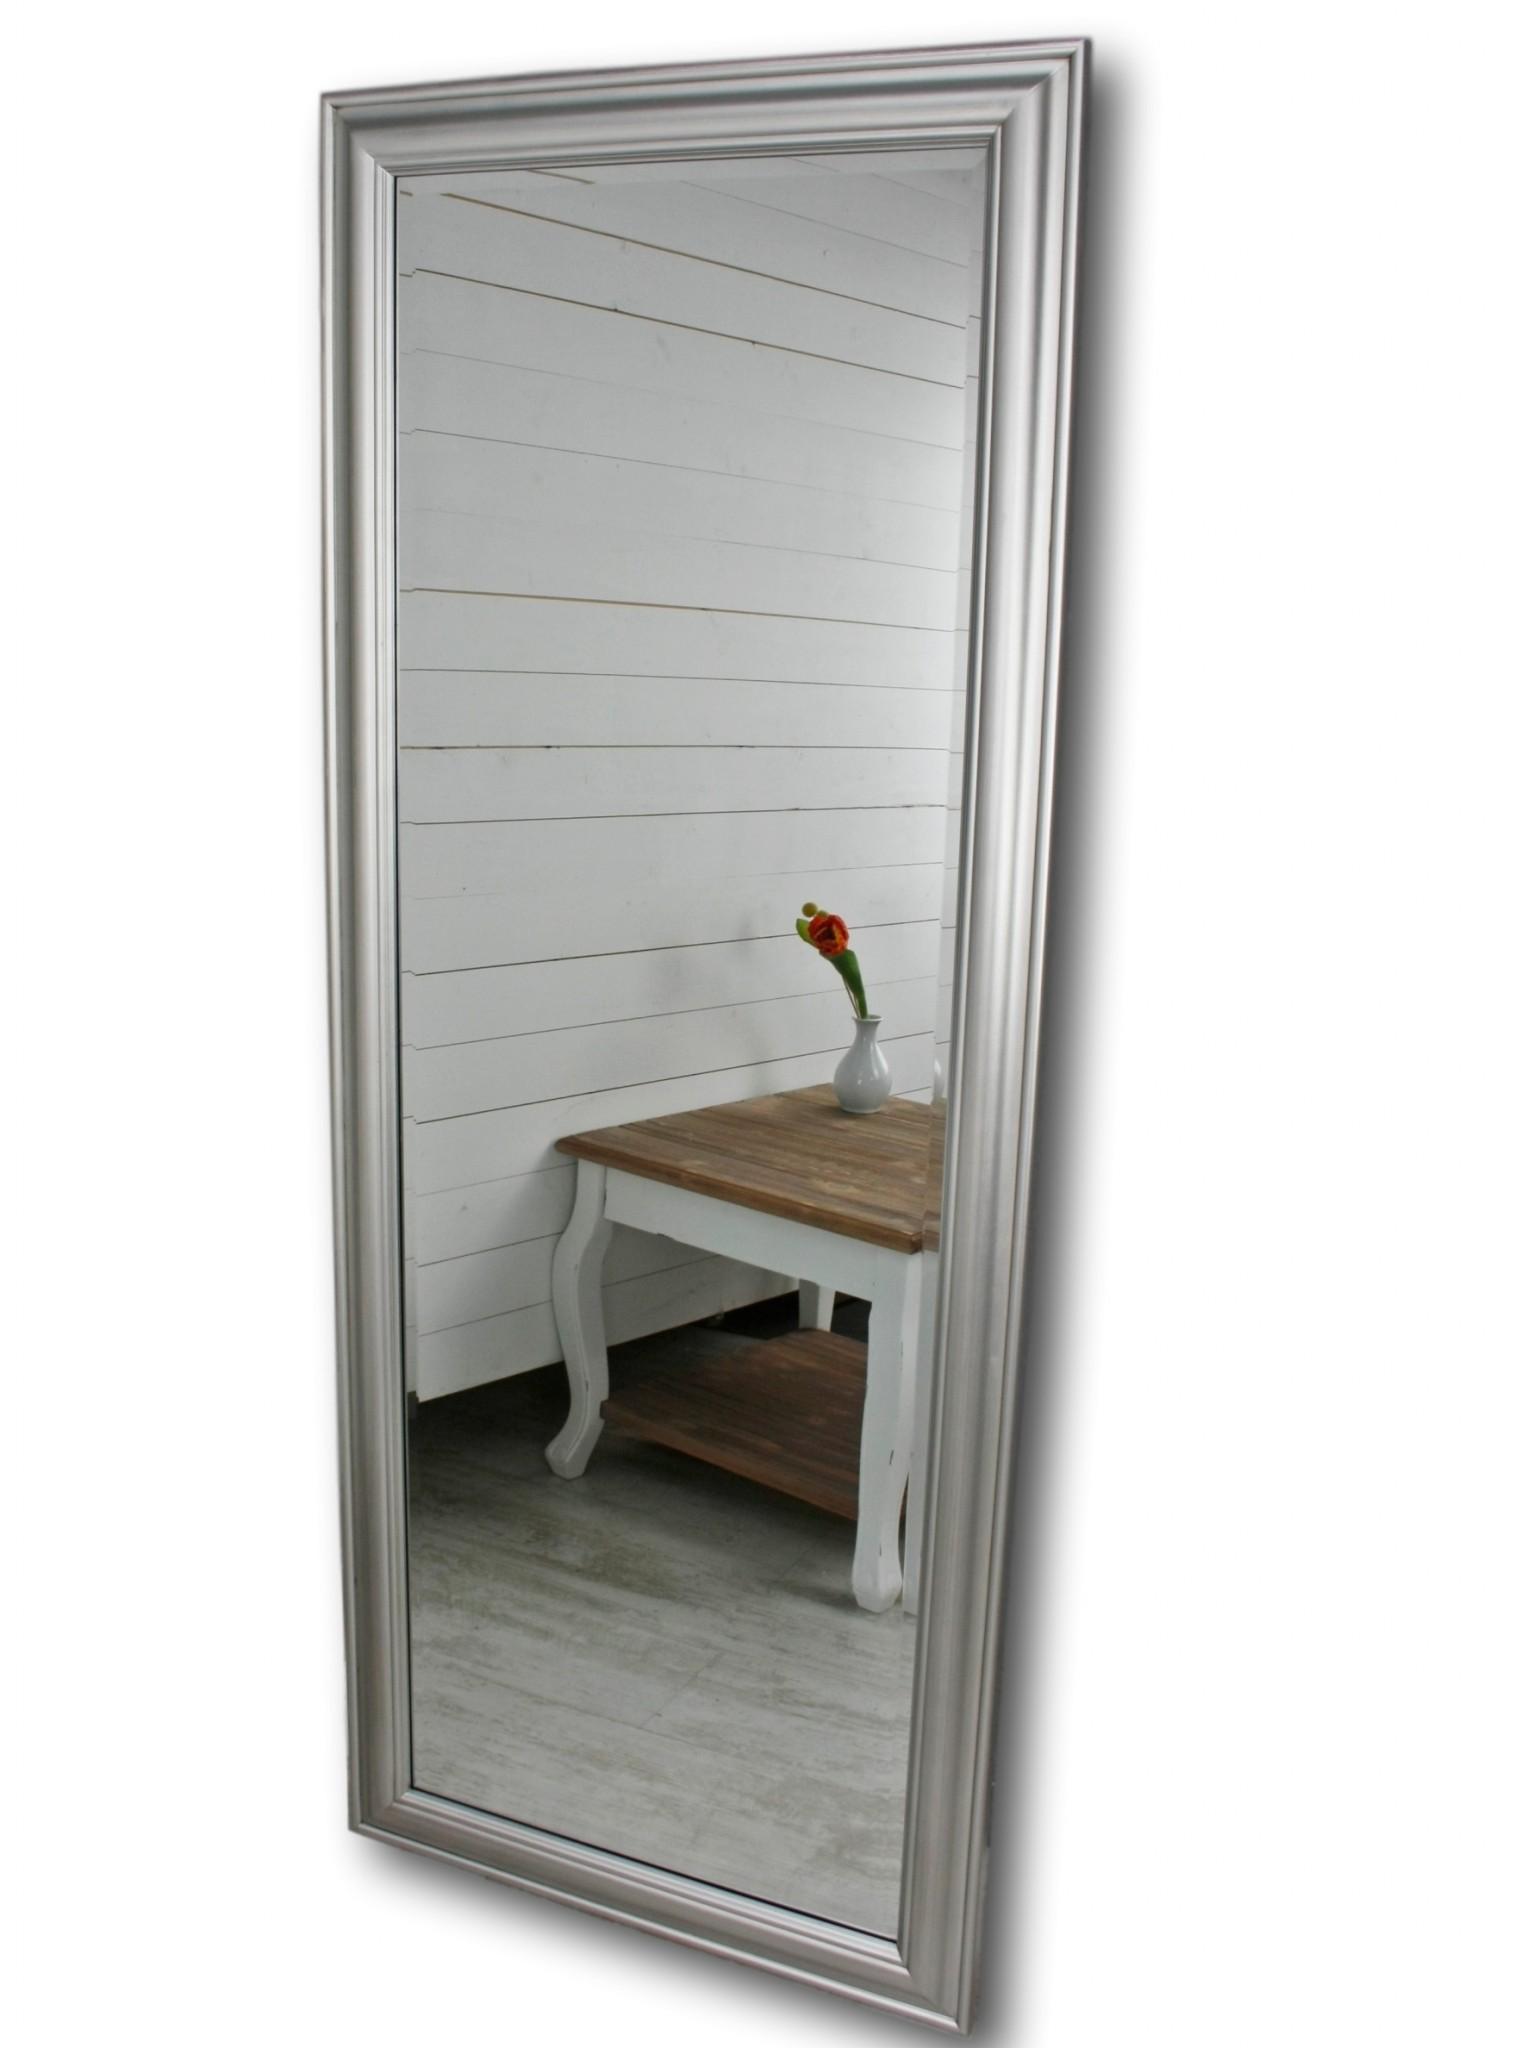 Spiegel 150 Wandspiegel Standspiegel silber HOLZ Landhaus Holzrahmen ...